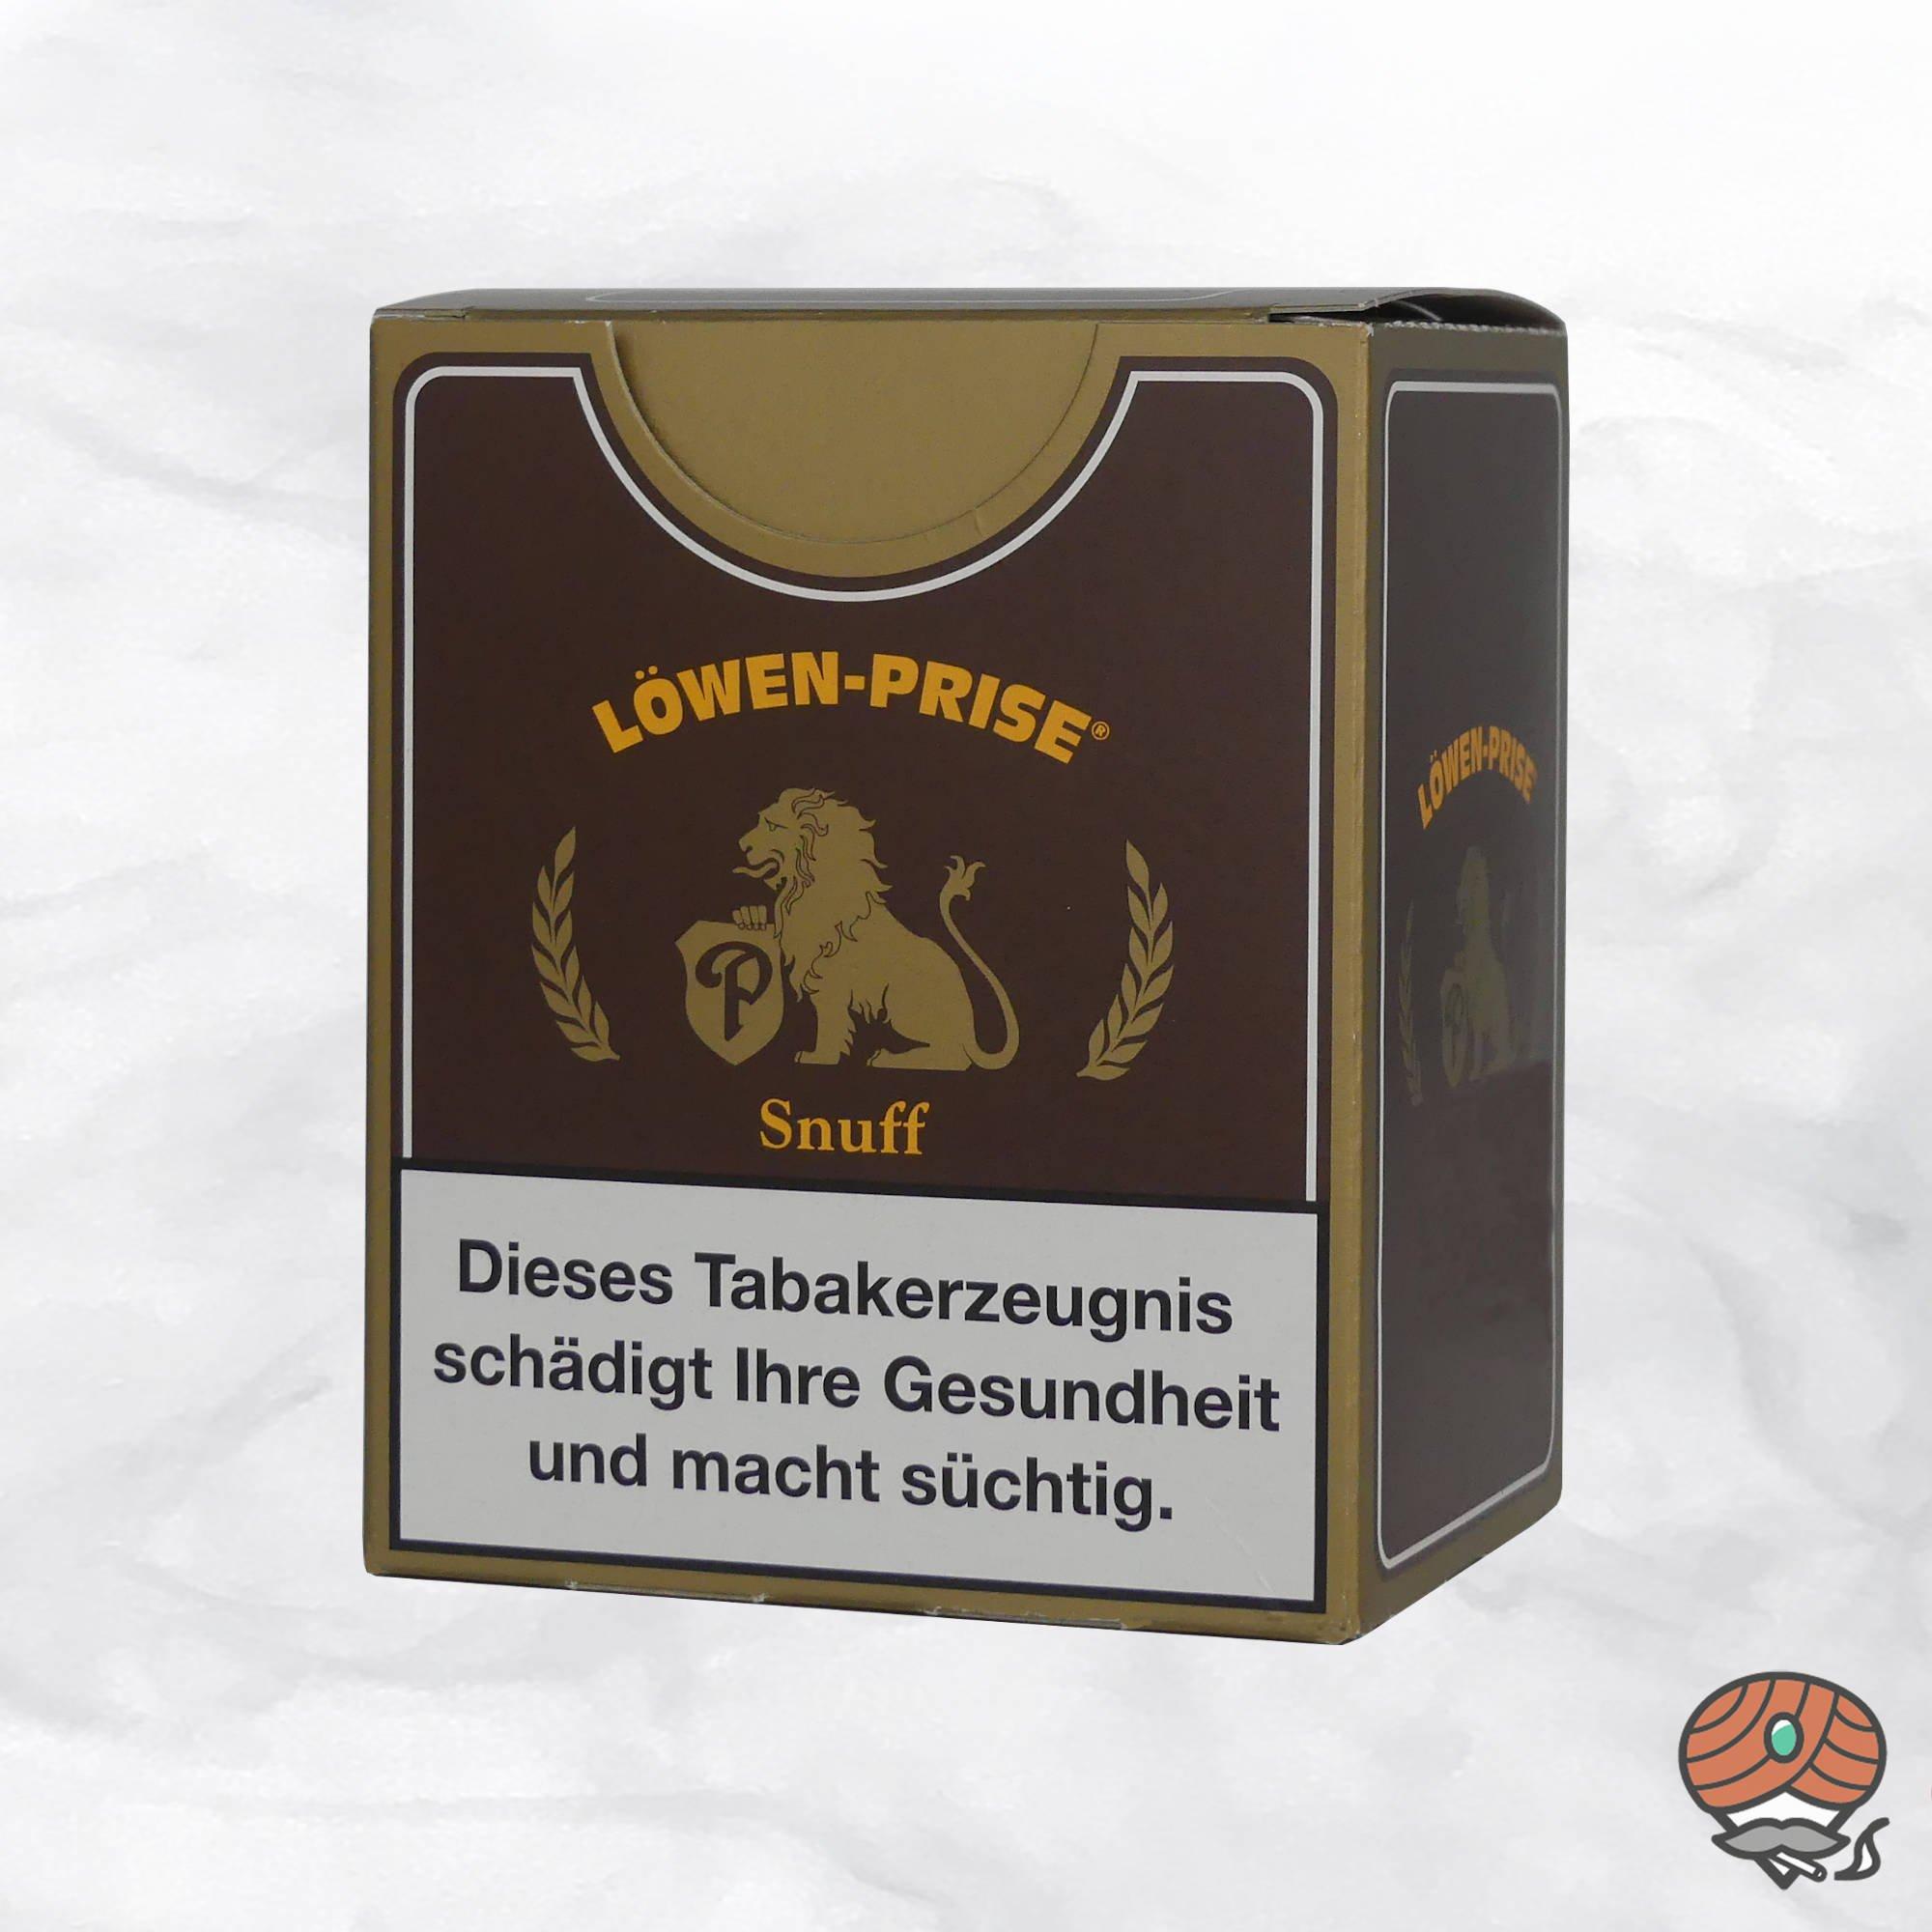 10x Löwen Prise Schnupftabak à 10g Beutel (=100g)